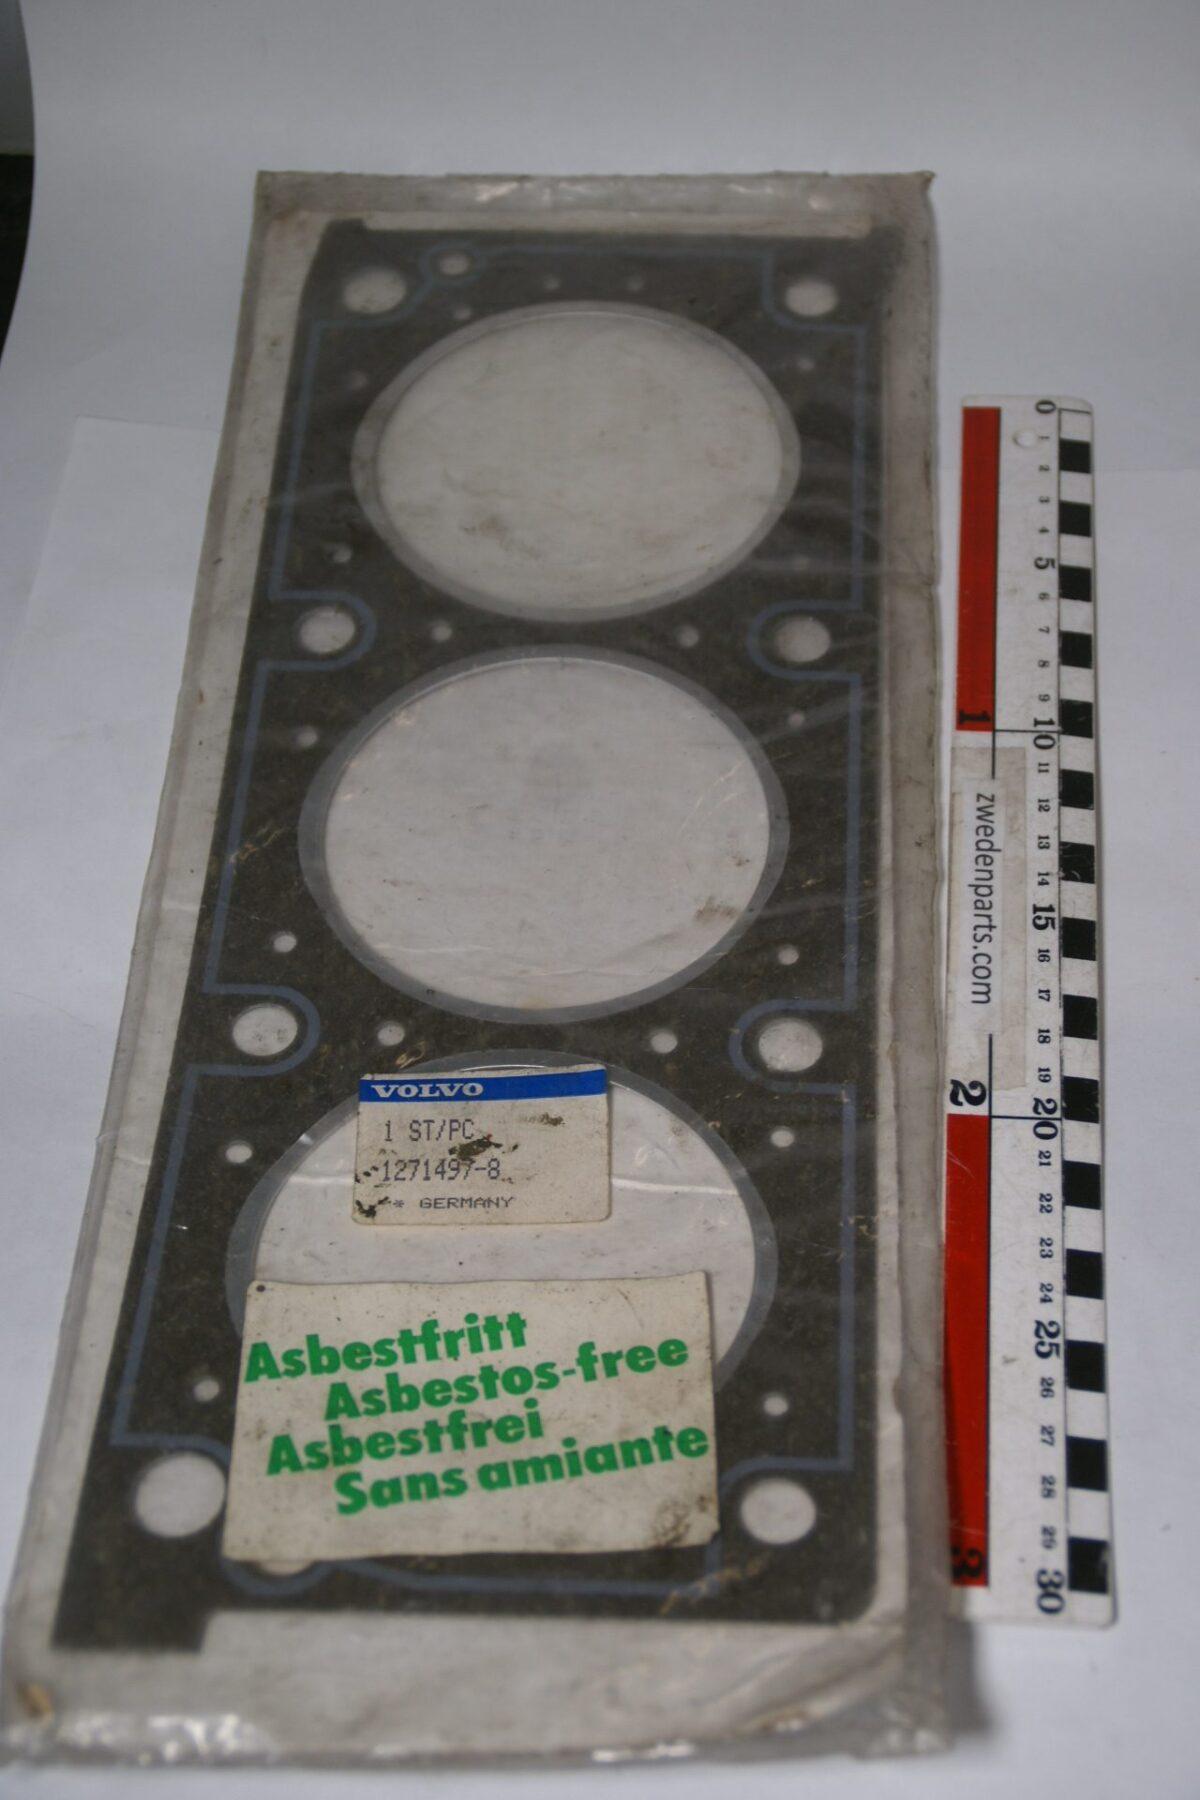 DSC05076 Volvo V6 260 760 960 cylinderkoppakking NOS 1271497